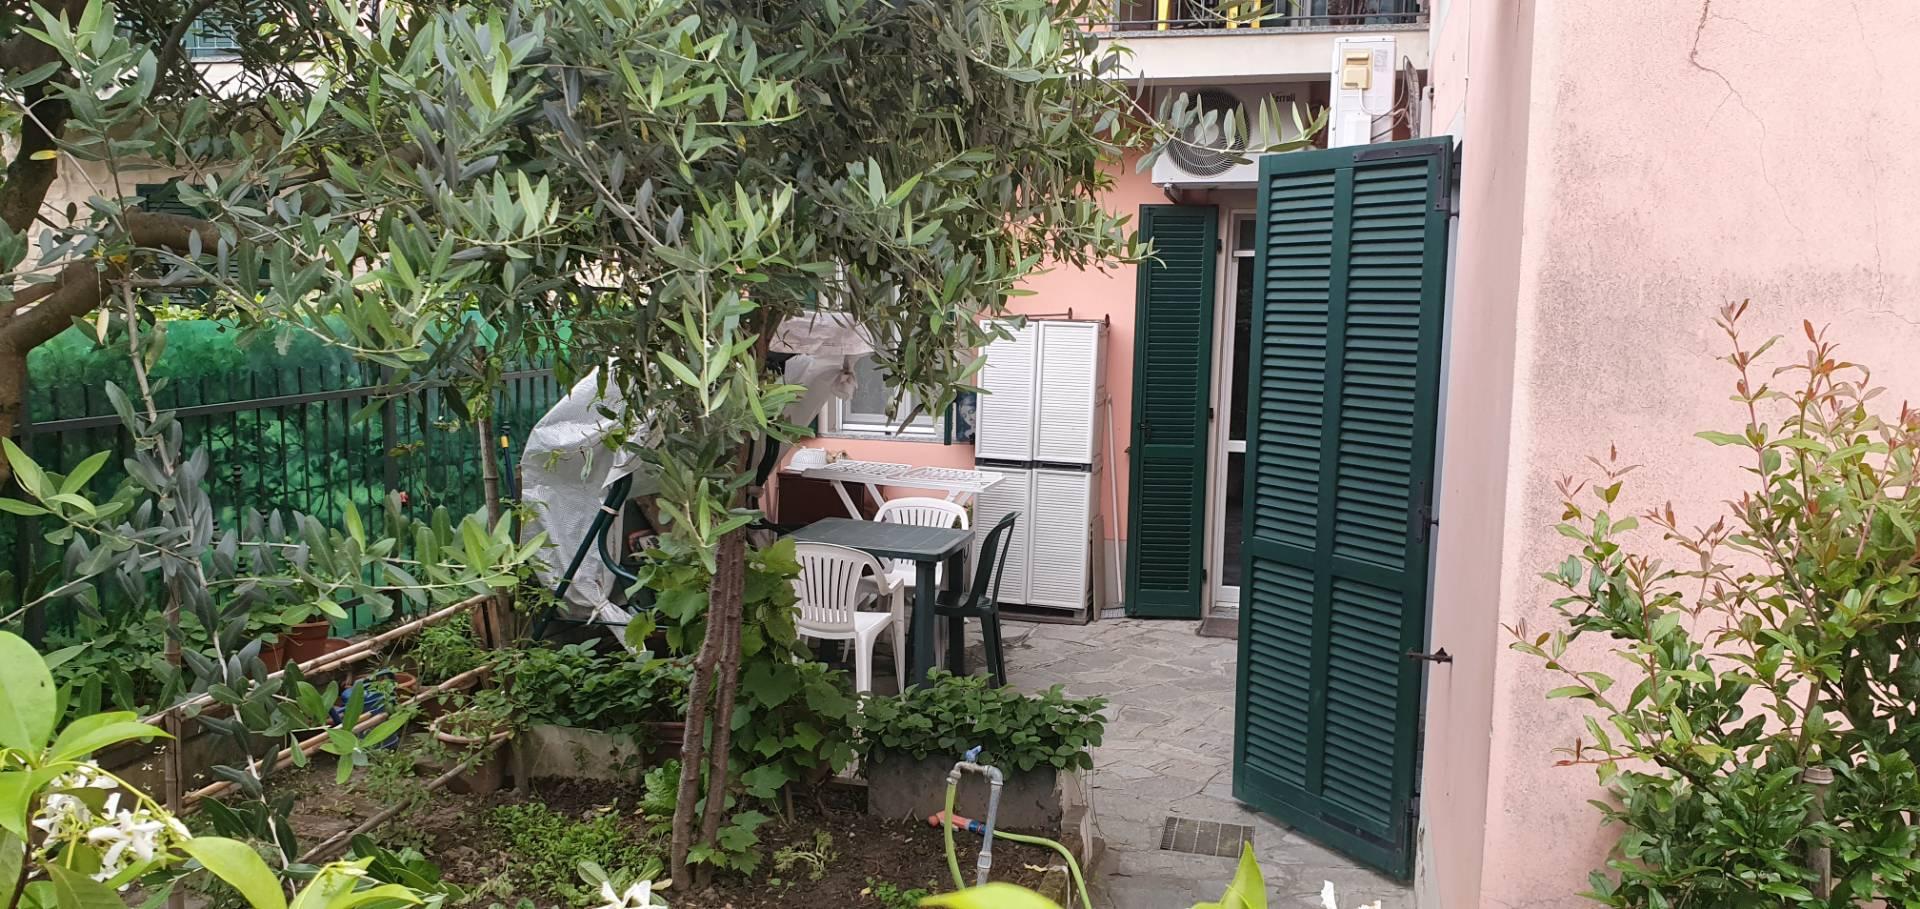 Appartamento in vendita a Alessandria, 3 locali, zona Località: ValleSanBartolomeo, prezzo € 50.000 | CambioCasa.it